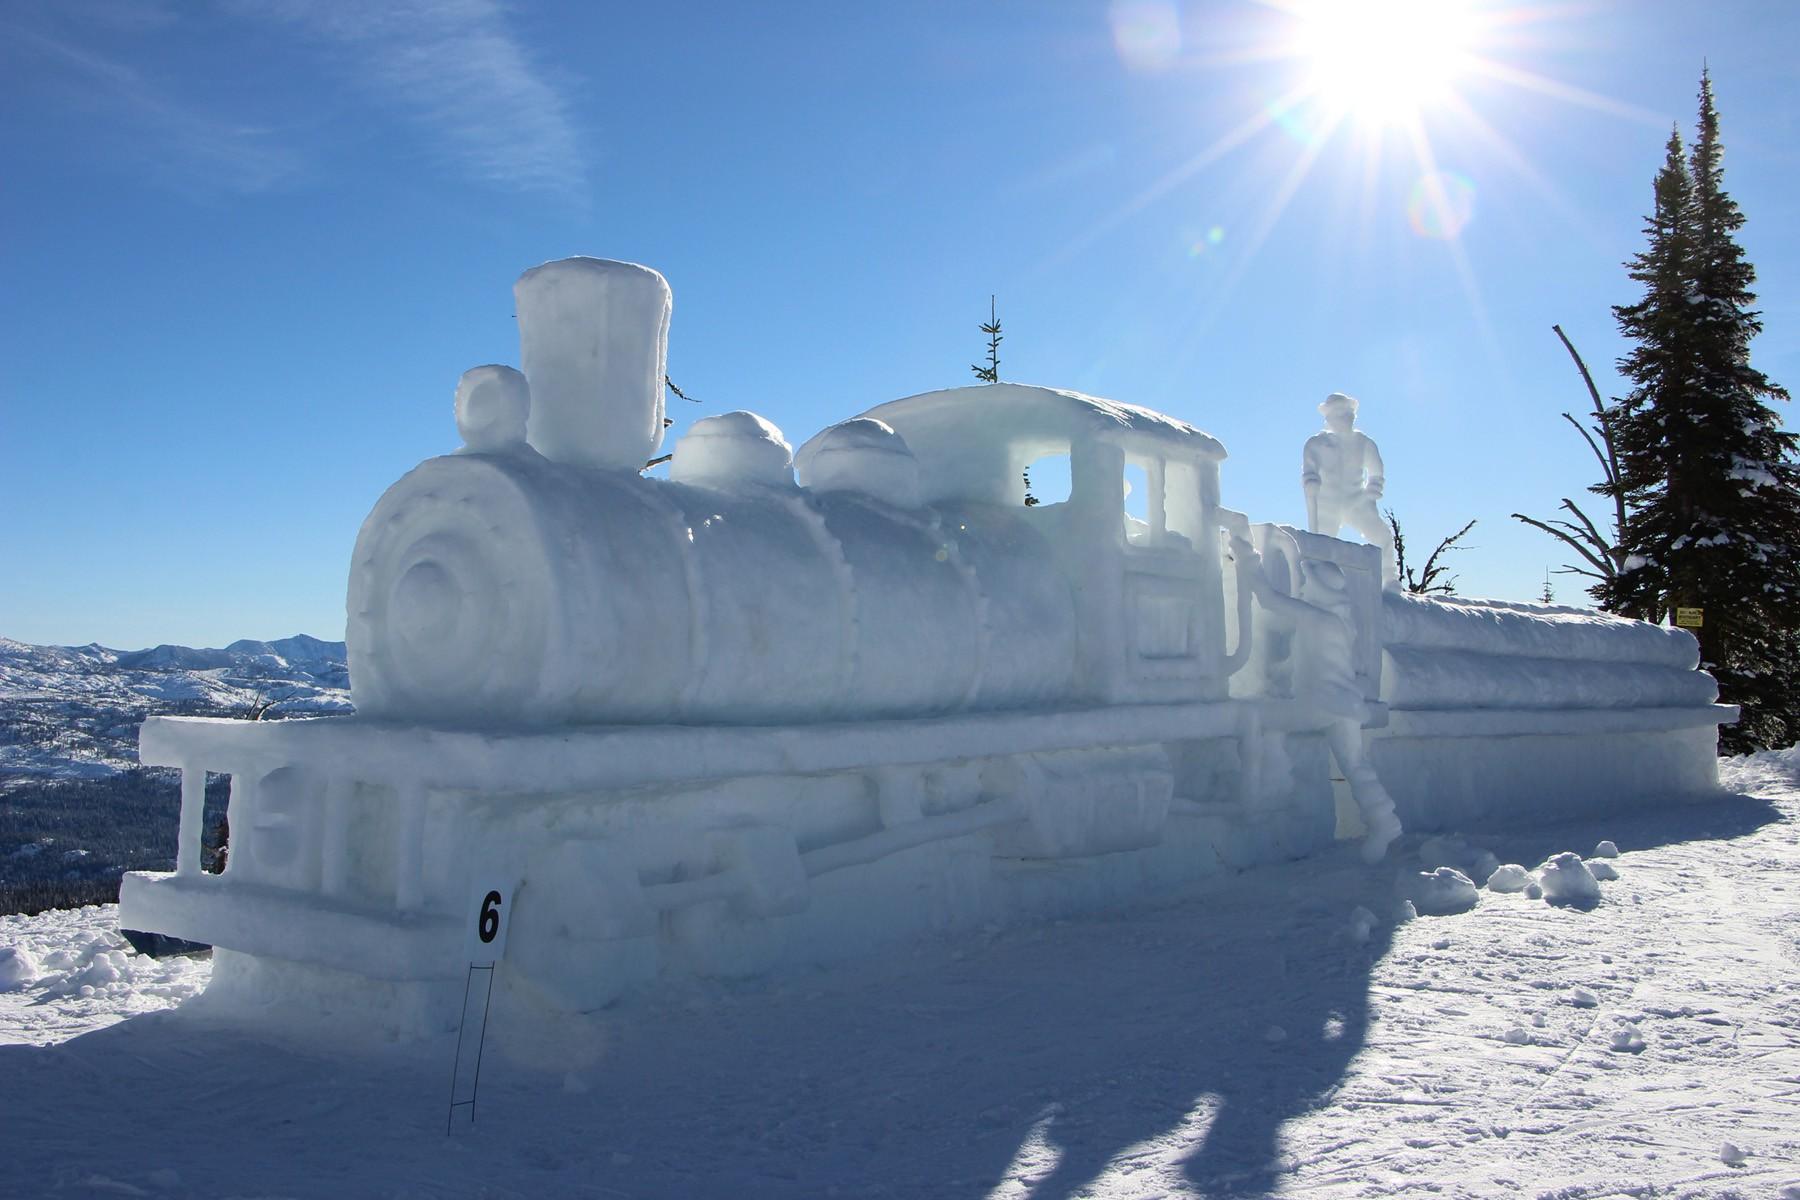 McCallWinterCarnival2019_SnowSculptures2.jpg